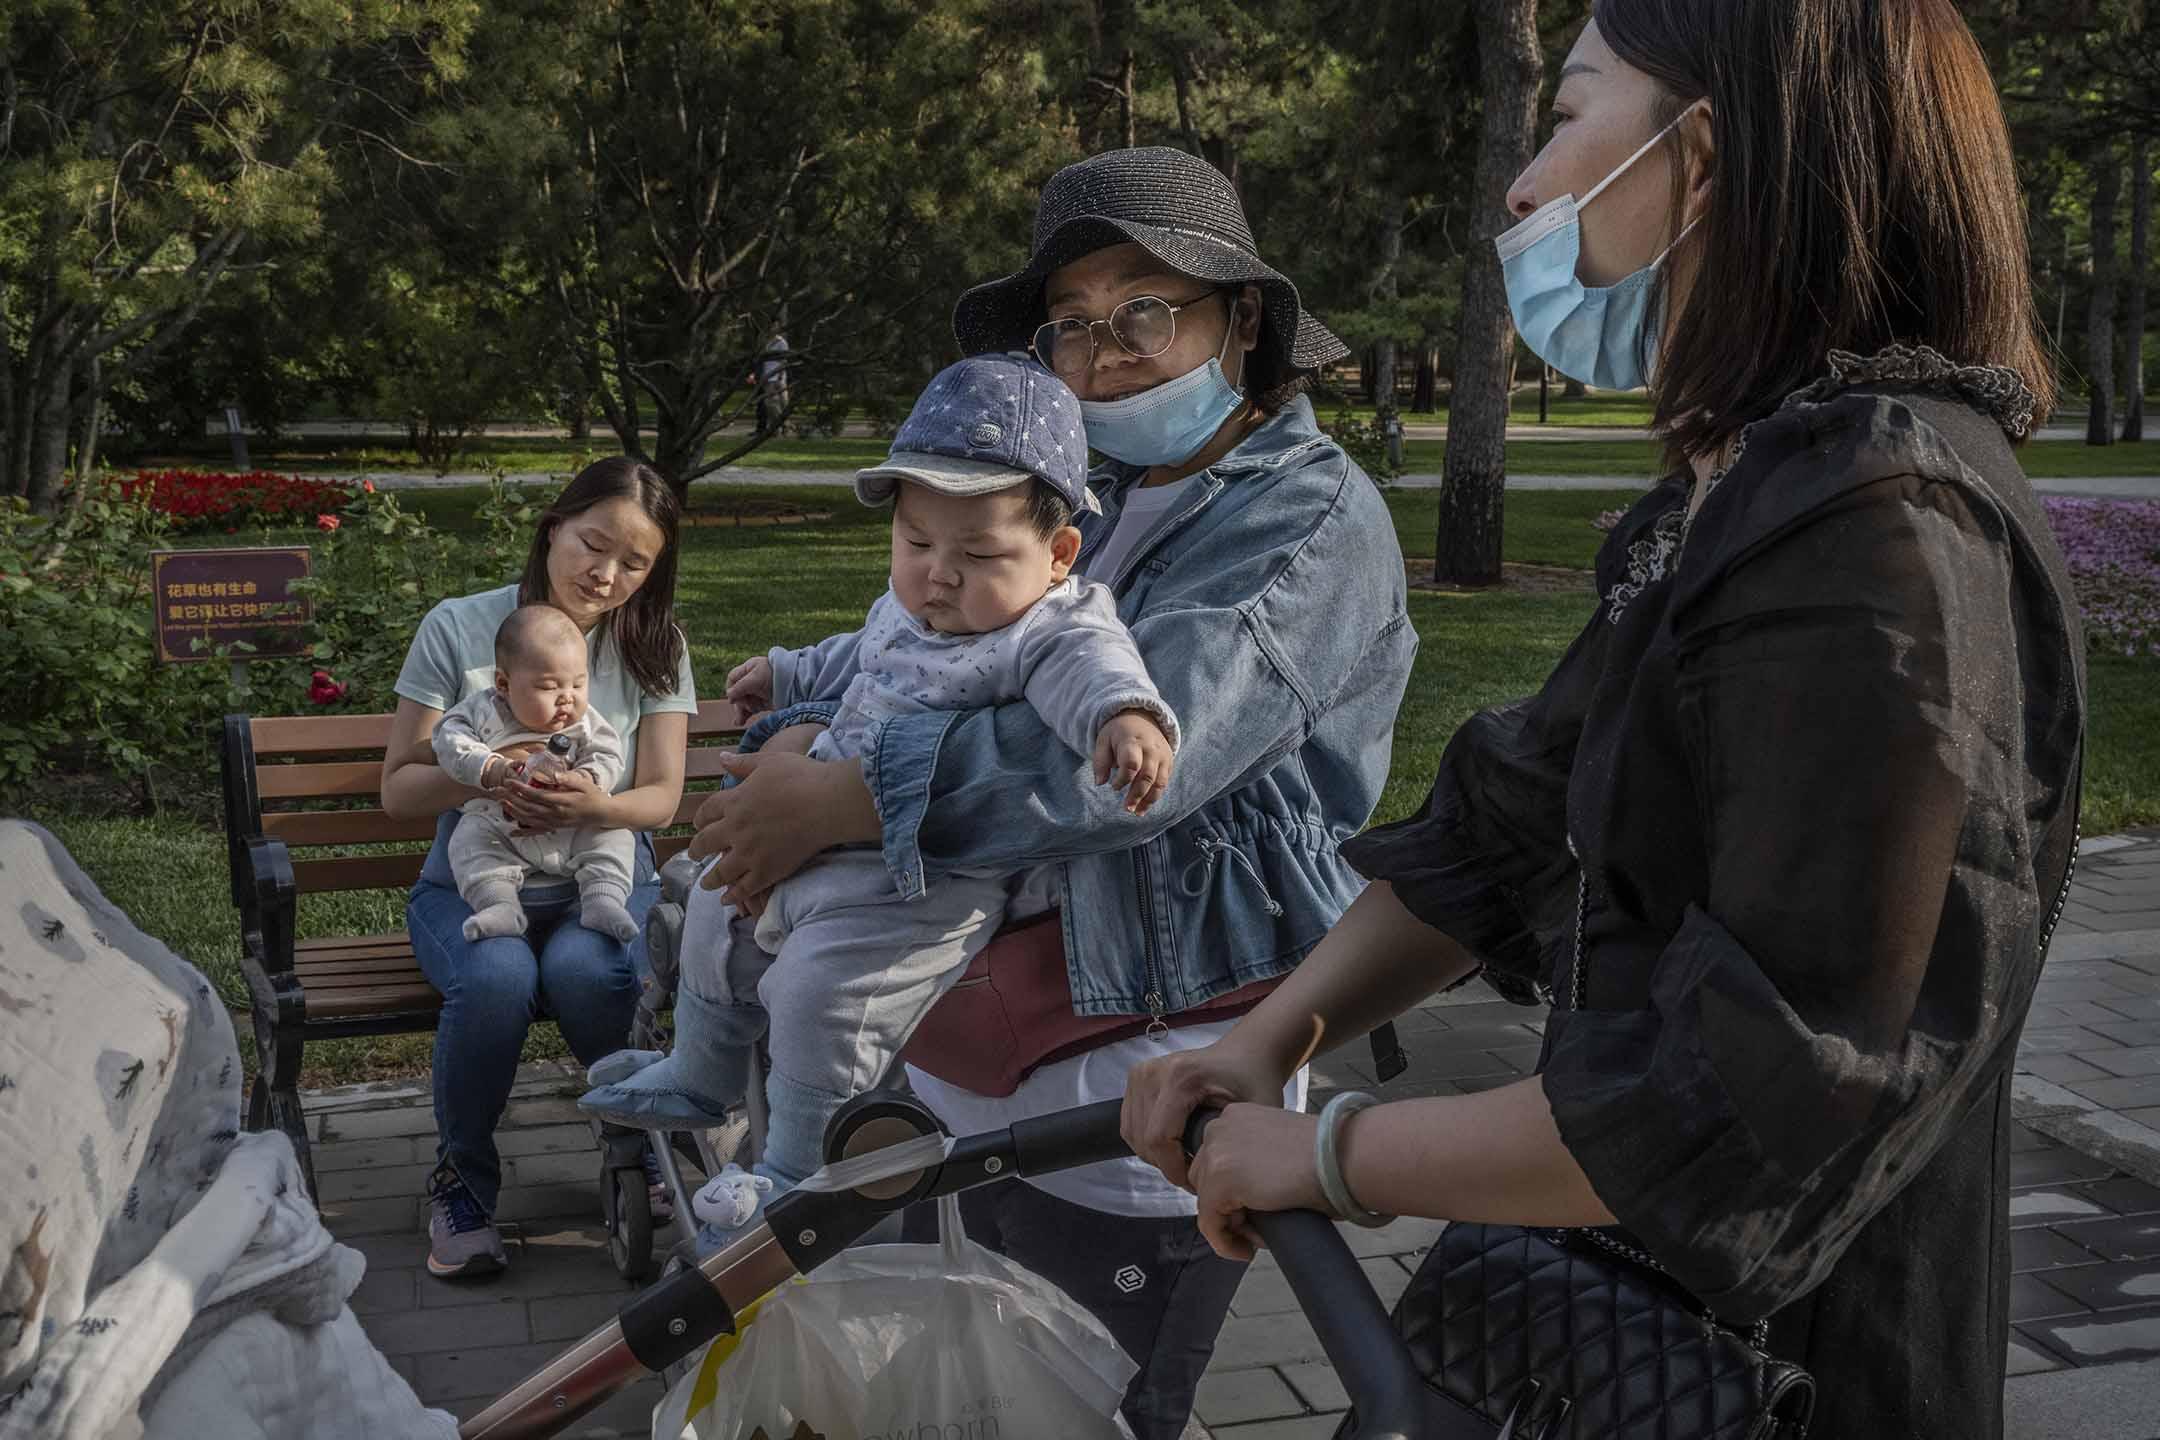 2021年5月12日北京,婦女抱著孩子在一個公園內談話。 攝:Kevin Frayer/Getty Images